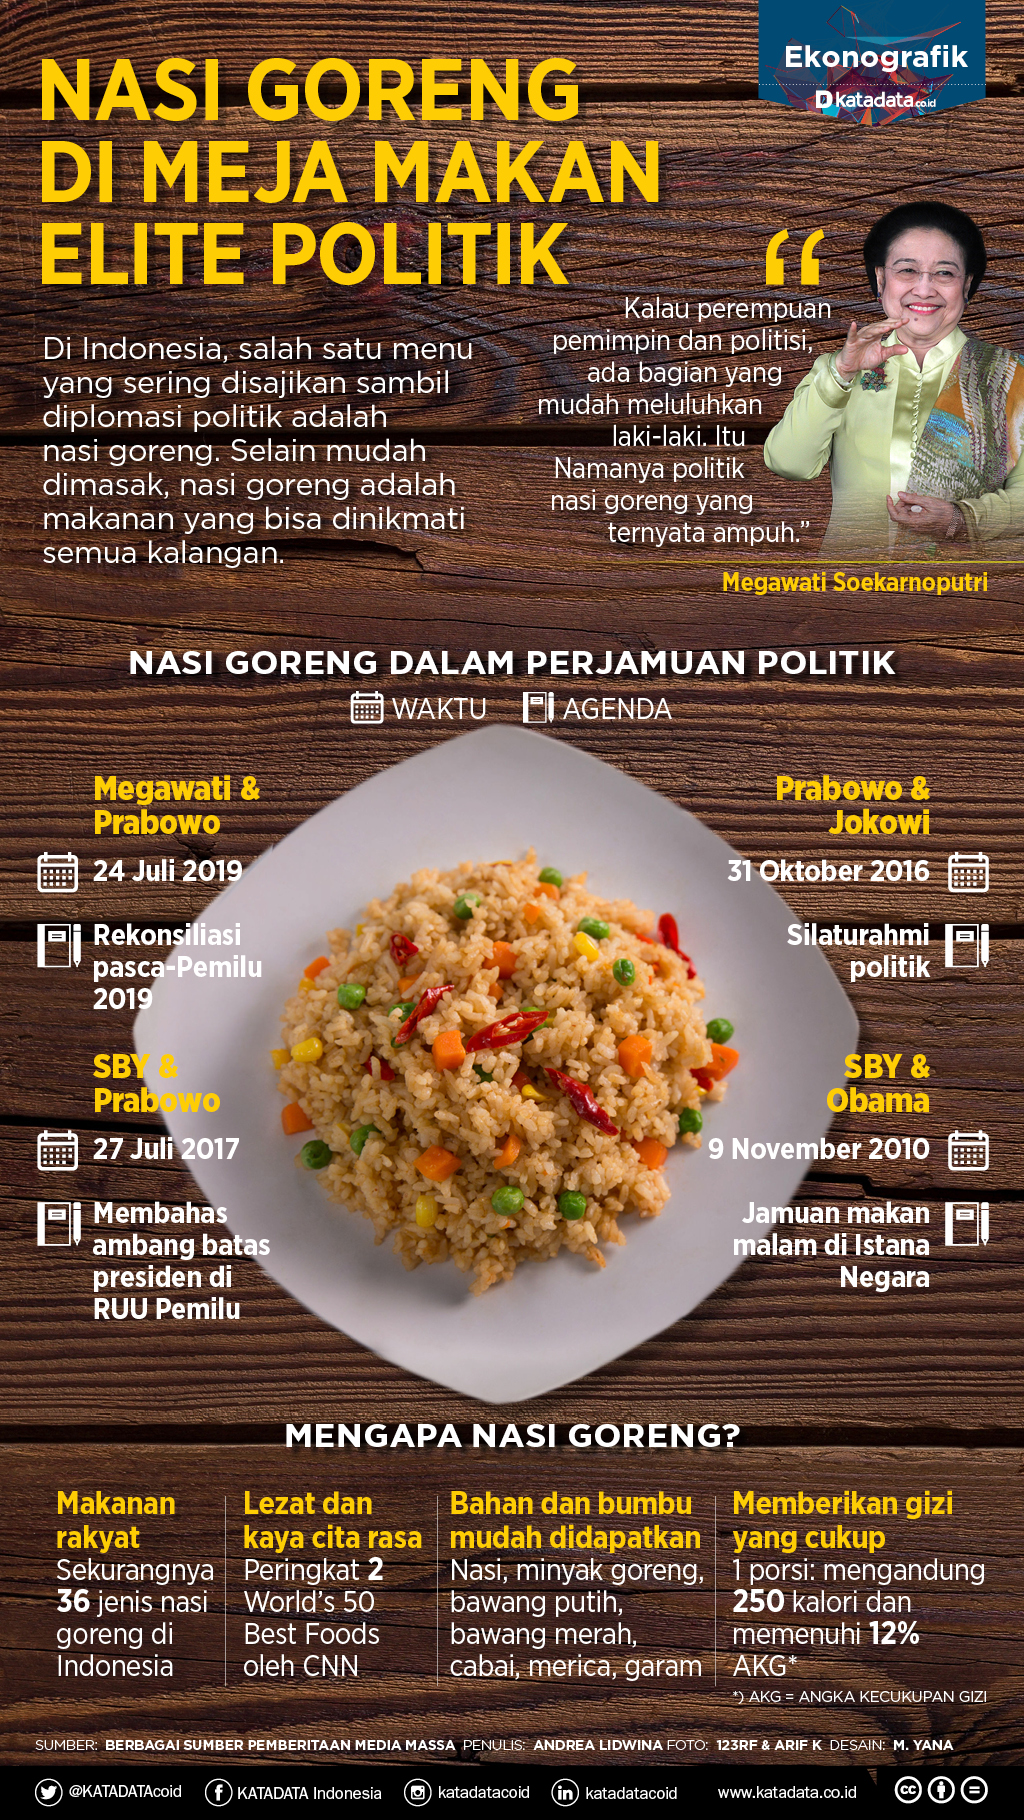 politik nasi goreng